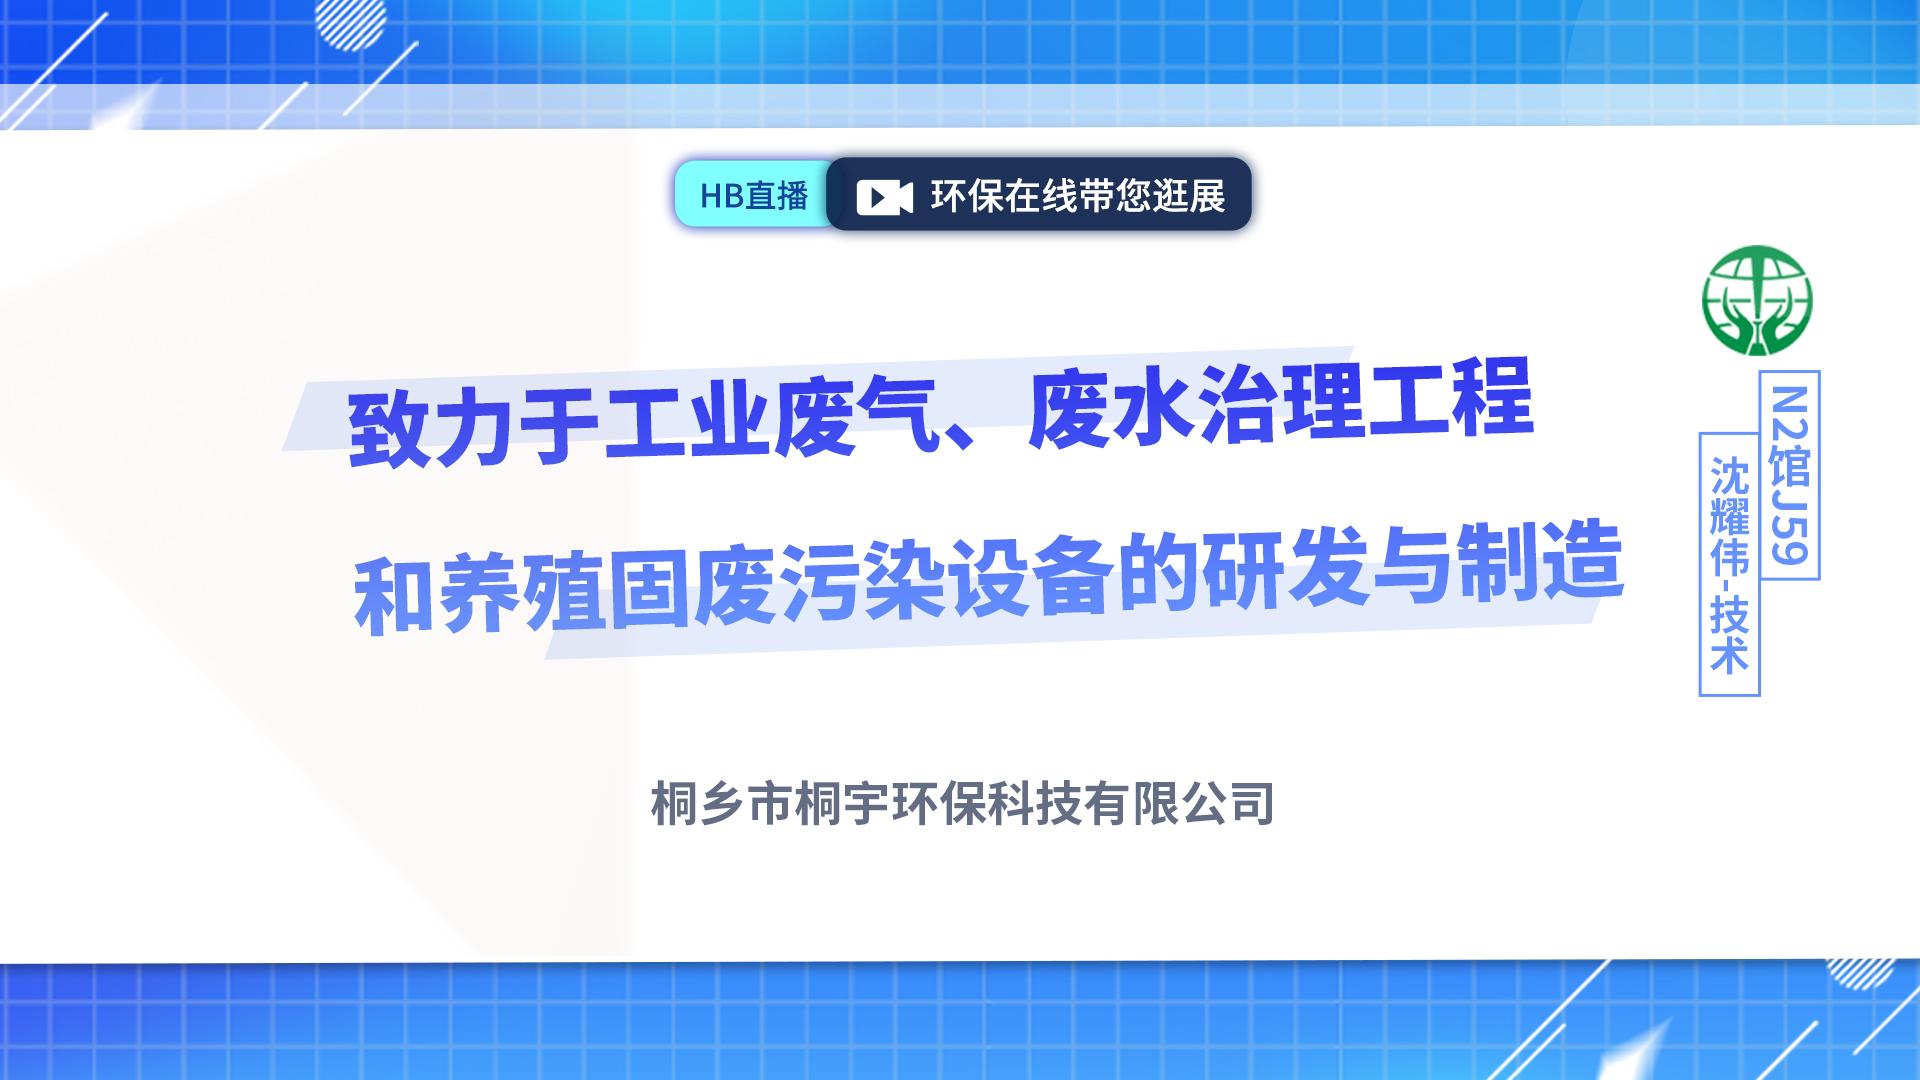 桐宇环保环博会直播预告——展位号:N2馆J59欢迎参观